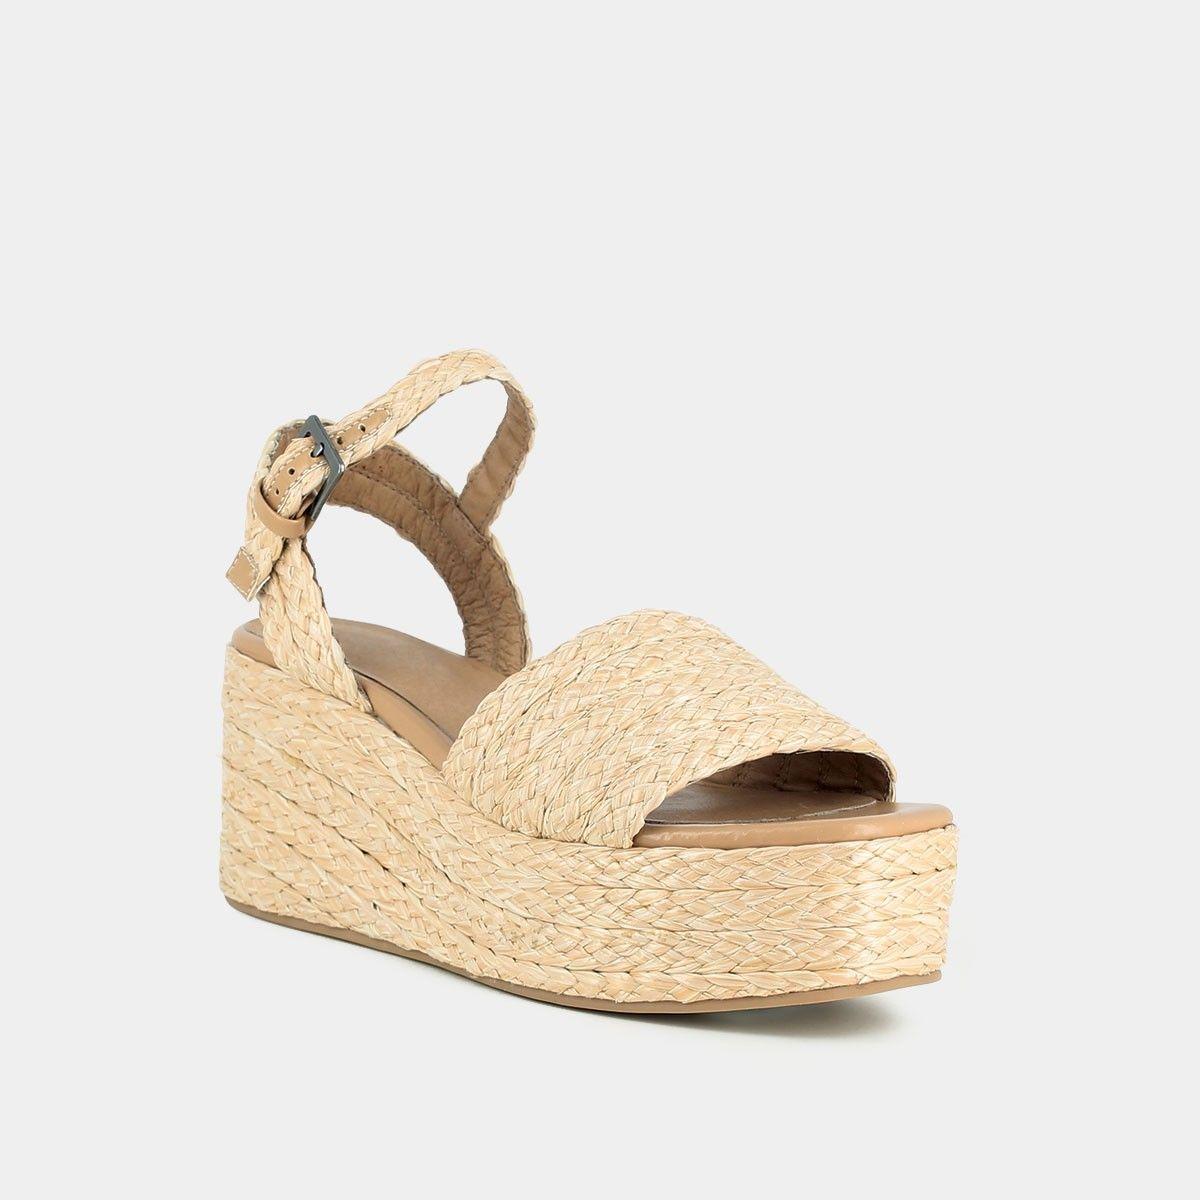 Sandales compensées tressées en raphiaJonak j7TBqryZ7p